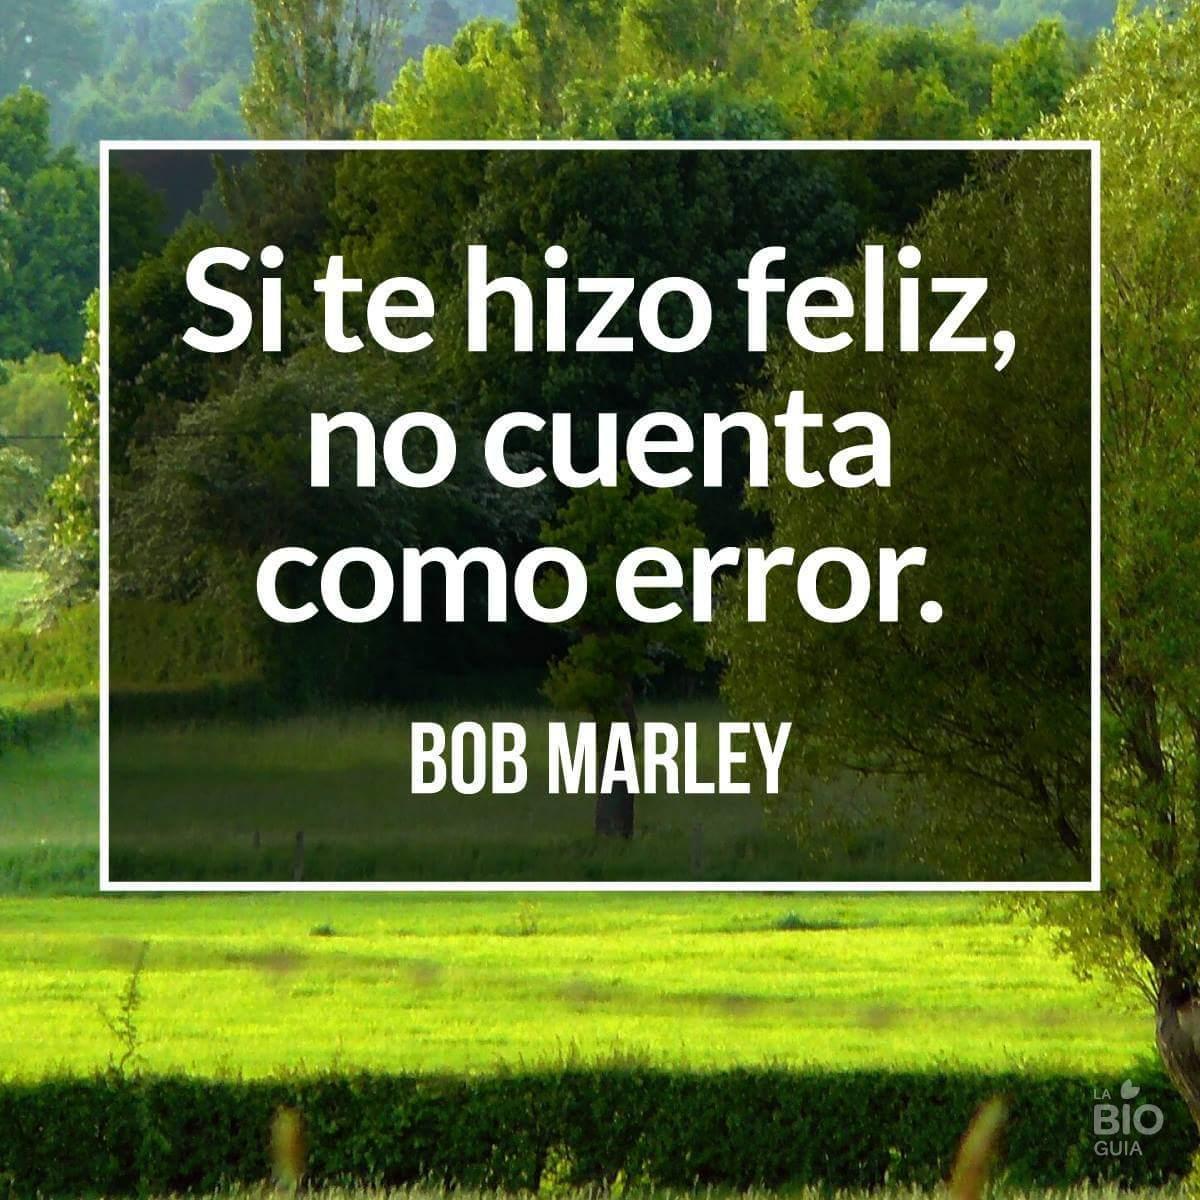 Bob marley un genio - meme